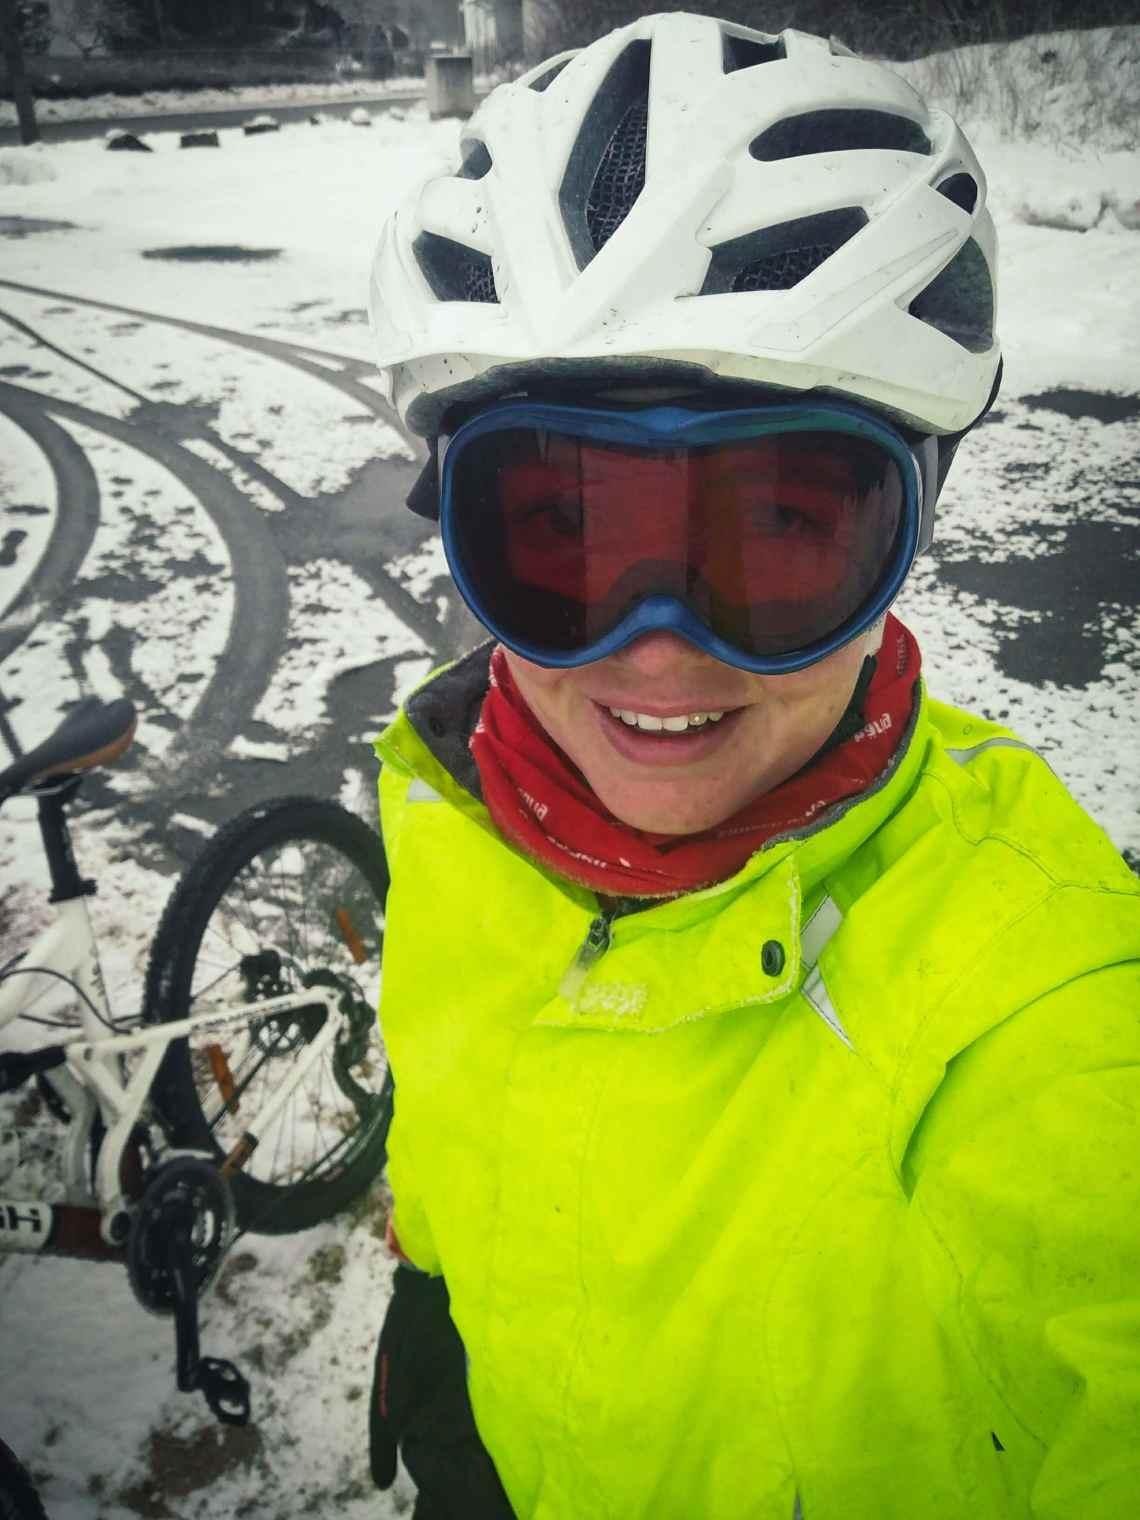 Fahrrad fahren bei Schnee mit Skihelm und Skibrille. Tipps für den Winter.